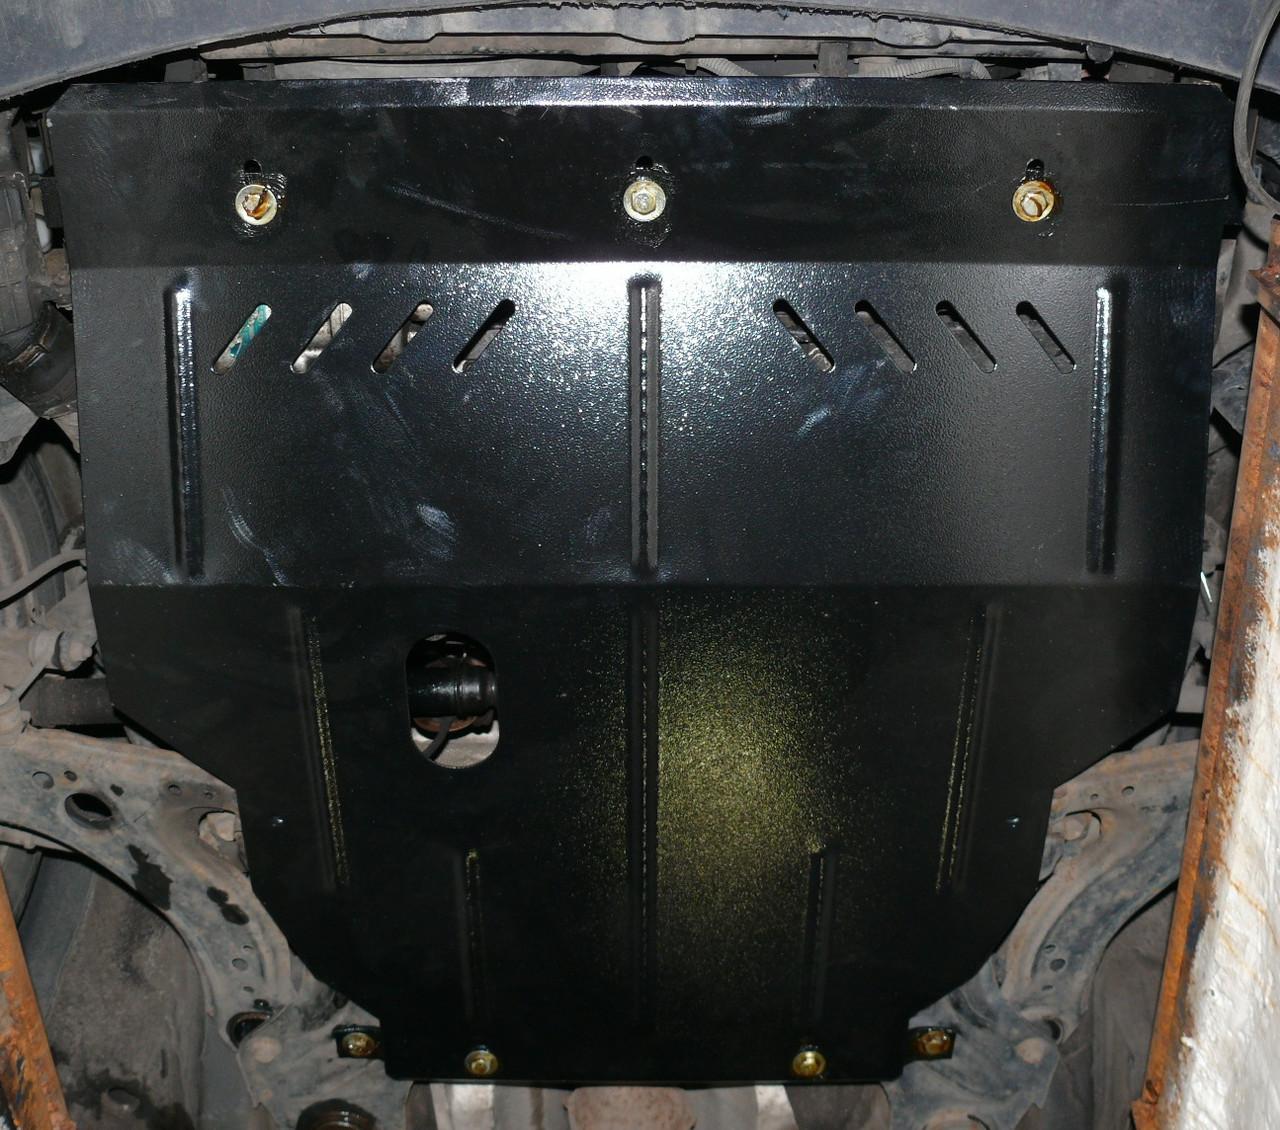 Захист картера двигуна) і Коробки передач на Audi A3 8P (2003-2012)